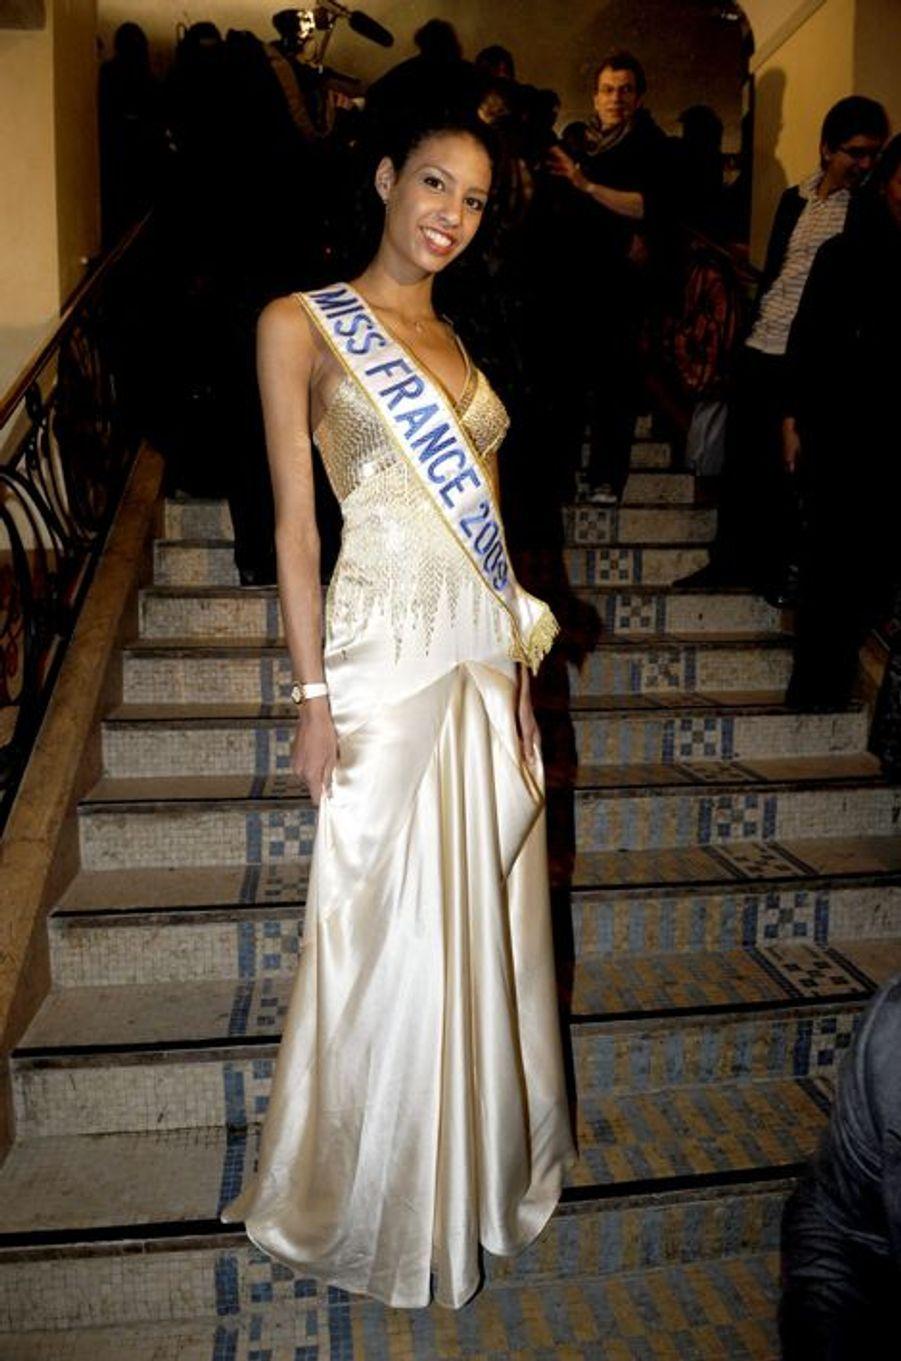 Franco-américaine, Chloé Mortaud est la 79e Miss France mais pas que. En 2009, la jeune femme a également été sacrée 5e dauphine de Miss Univers et 3e dauphine de Miss Monde. Mannequin, elle partage la vie du pilote automobile Romain Thievin, avec lequel elle a un fils, Matis.